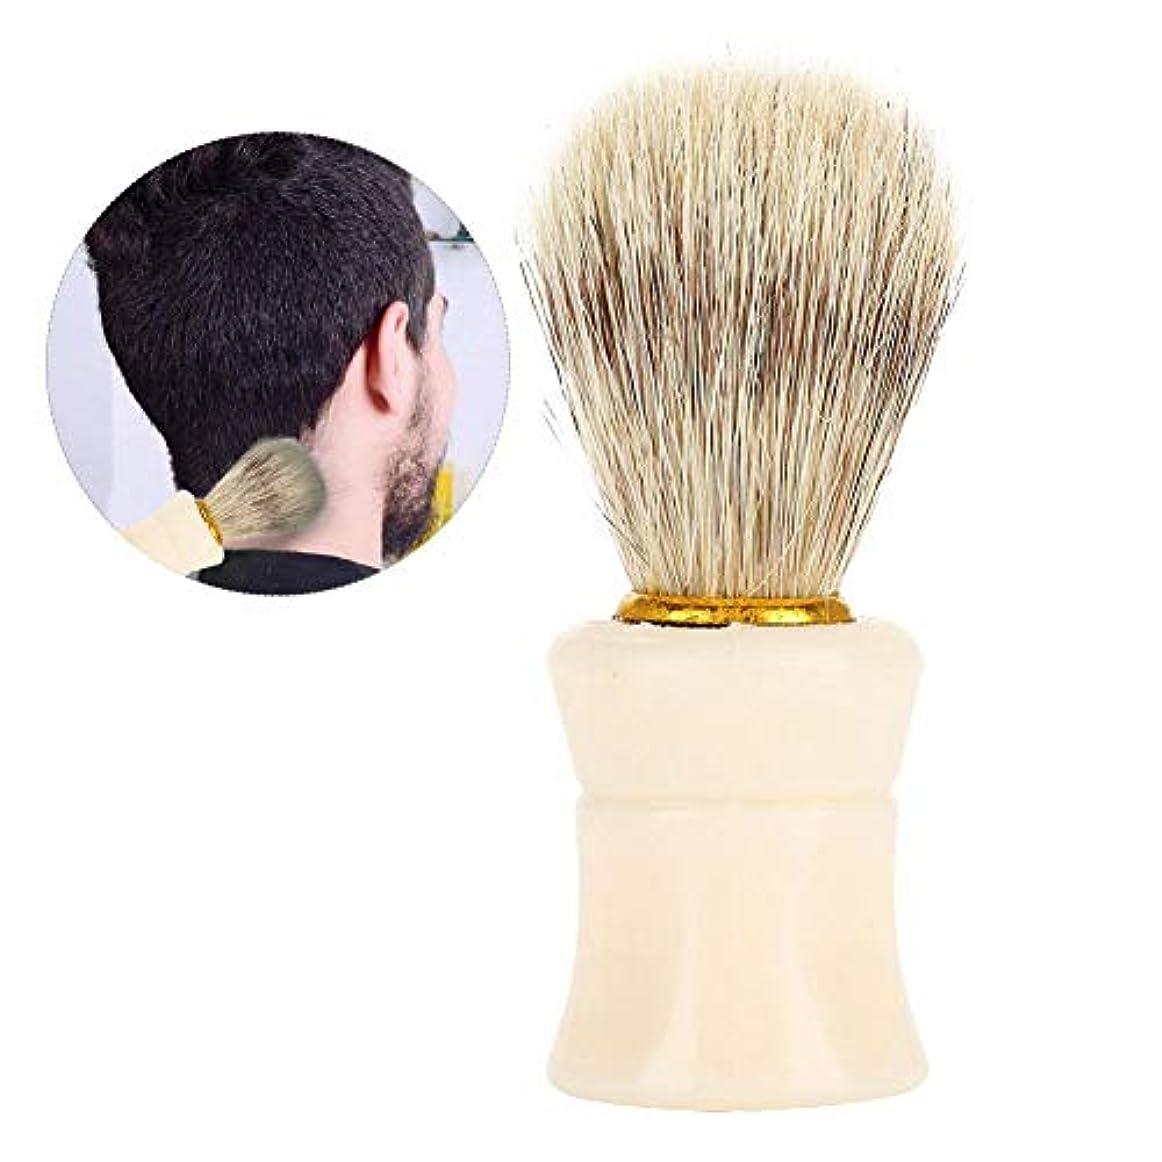 チャット扇動する理由Semme理髪師クリーニングヘアブラシヘアスイープブラシ、プロフェッショナルネックダスターブラシ理髪師理髪クリーニングヘアブラシ